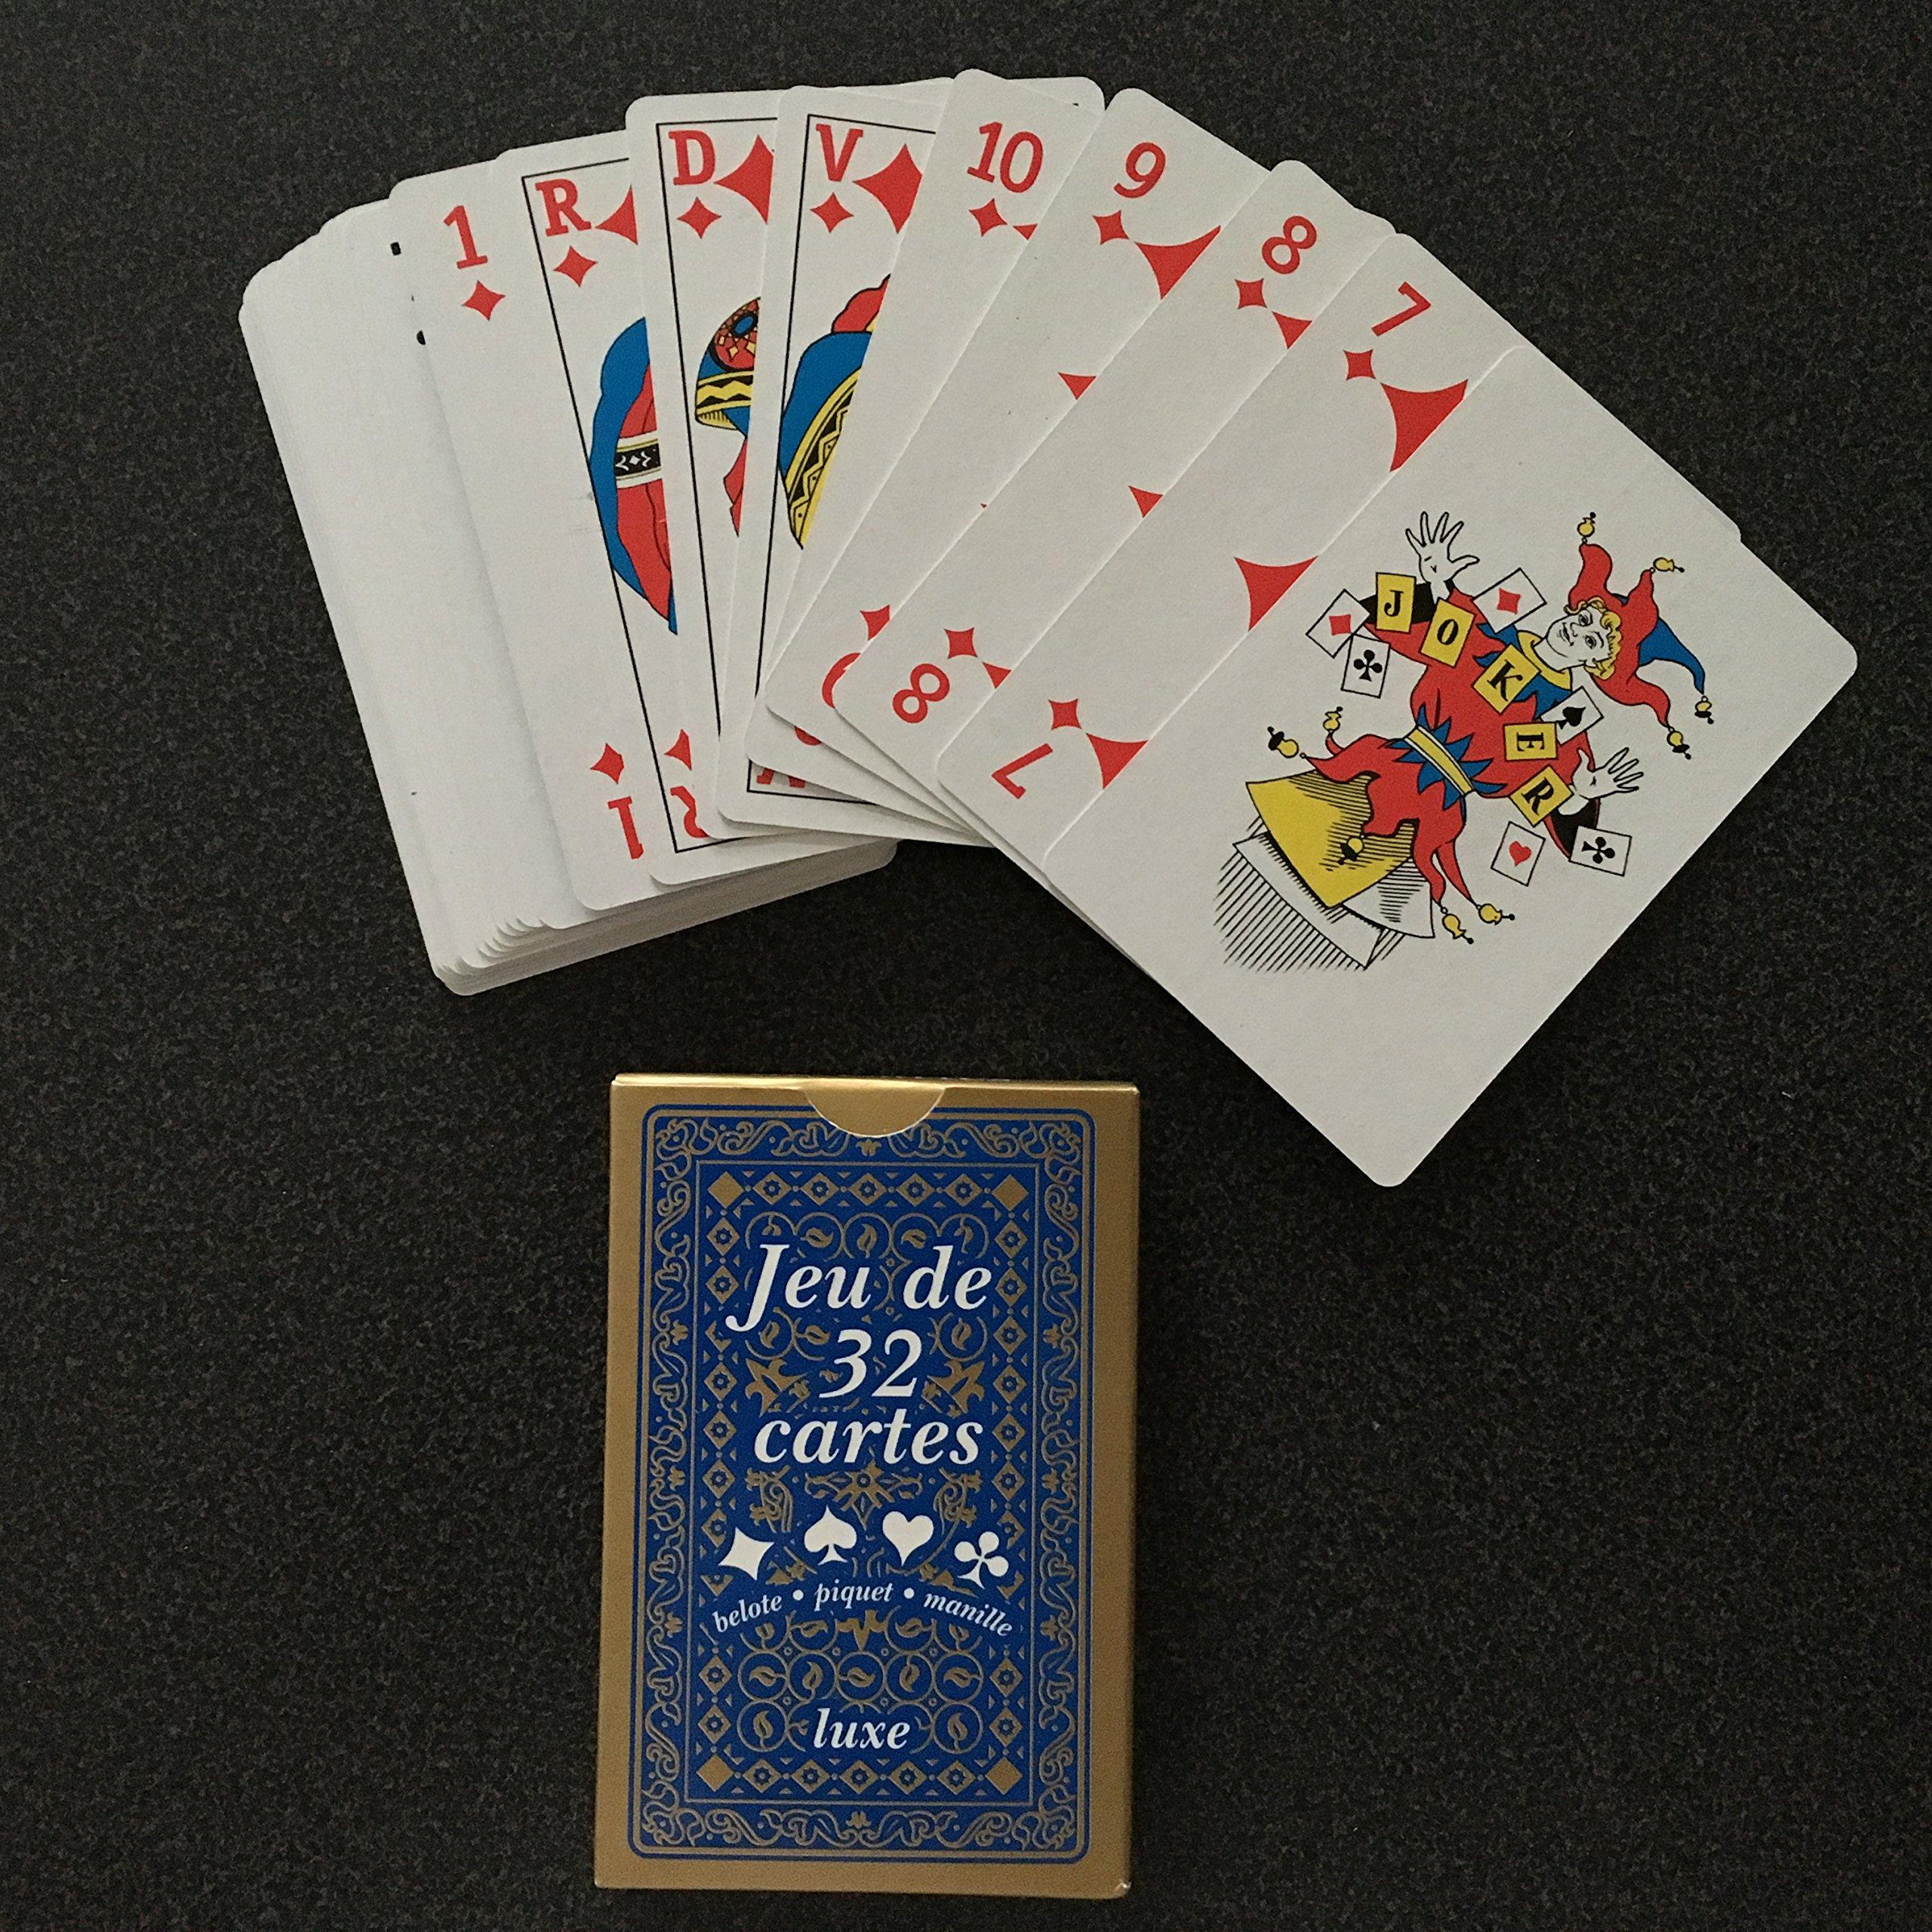 Equilibre Et Aventure 1 Jeu De 32 Cartes Poker Belote Piquet Manille Coinche Bataille Menteur Soufflette Big Up Jeu Des Chevaliers Maitre Du Jeu Biskit Etc Amazon Fr Jeux Et Jouets